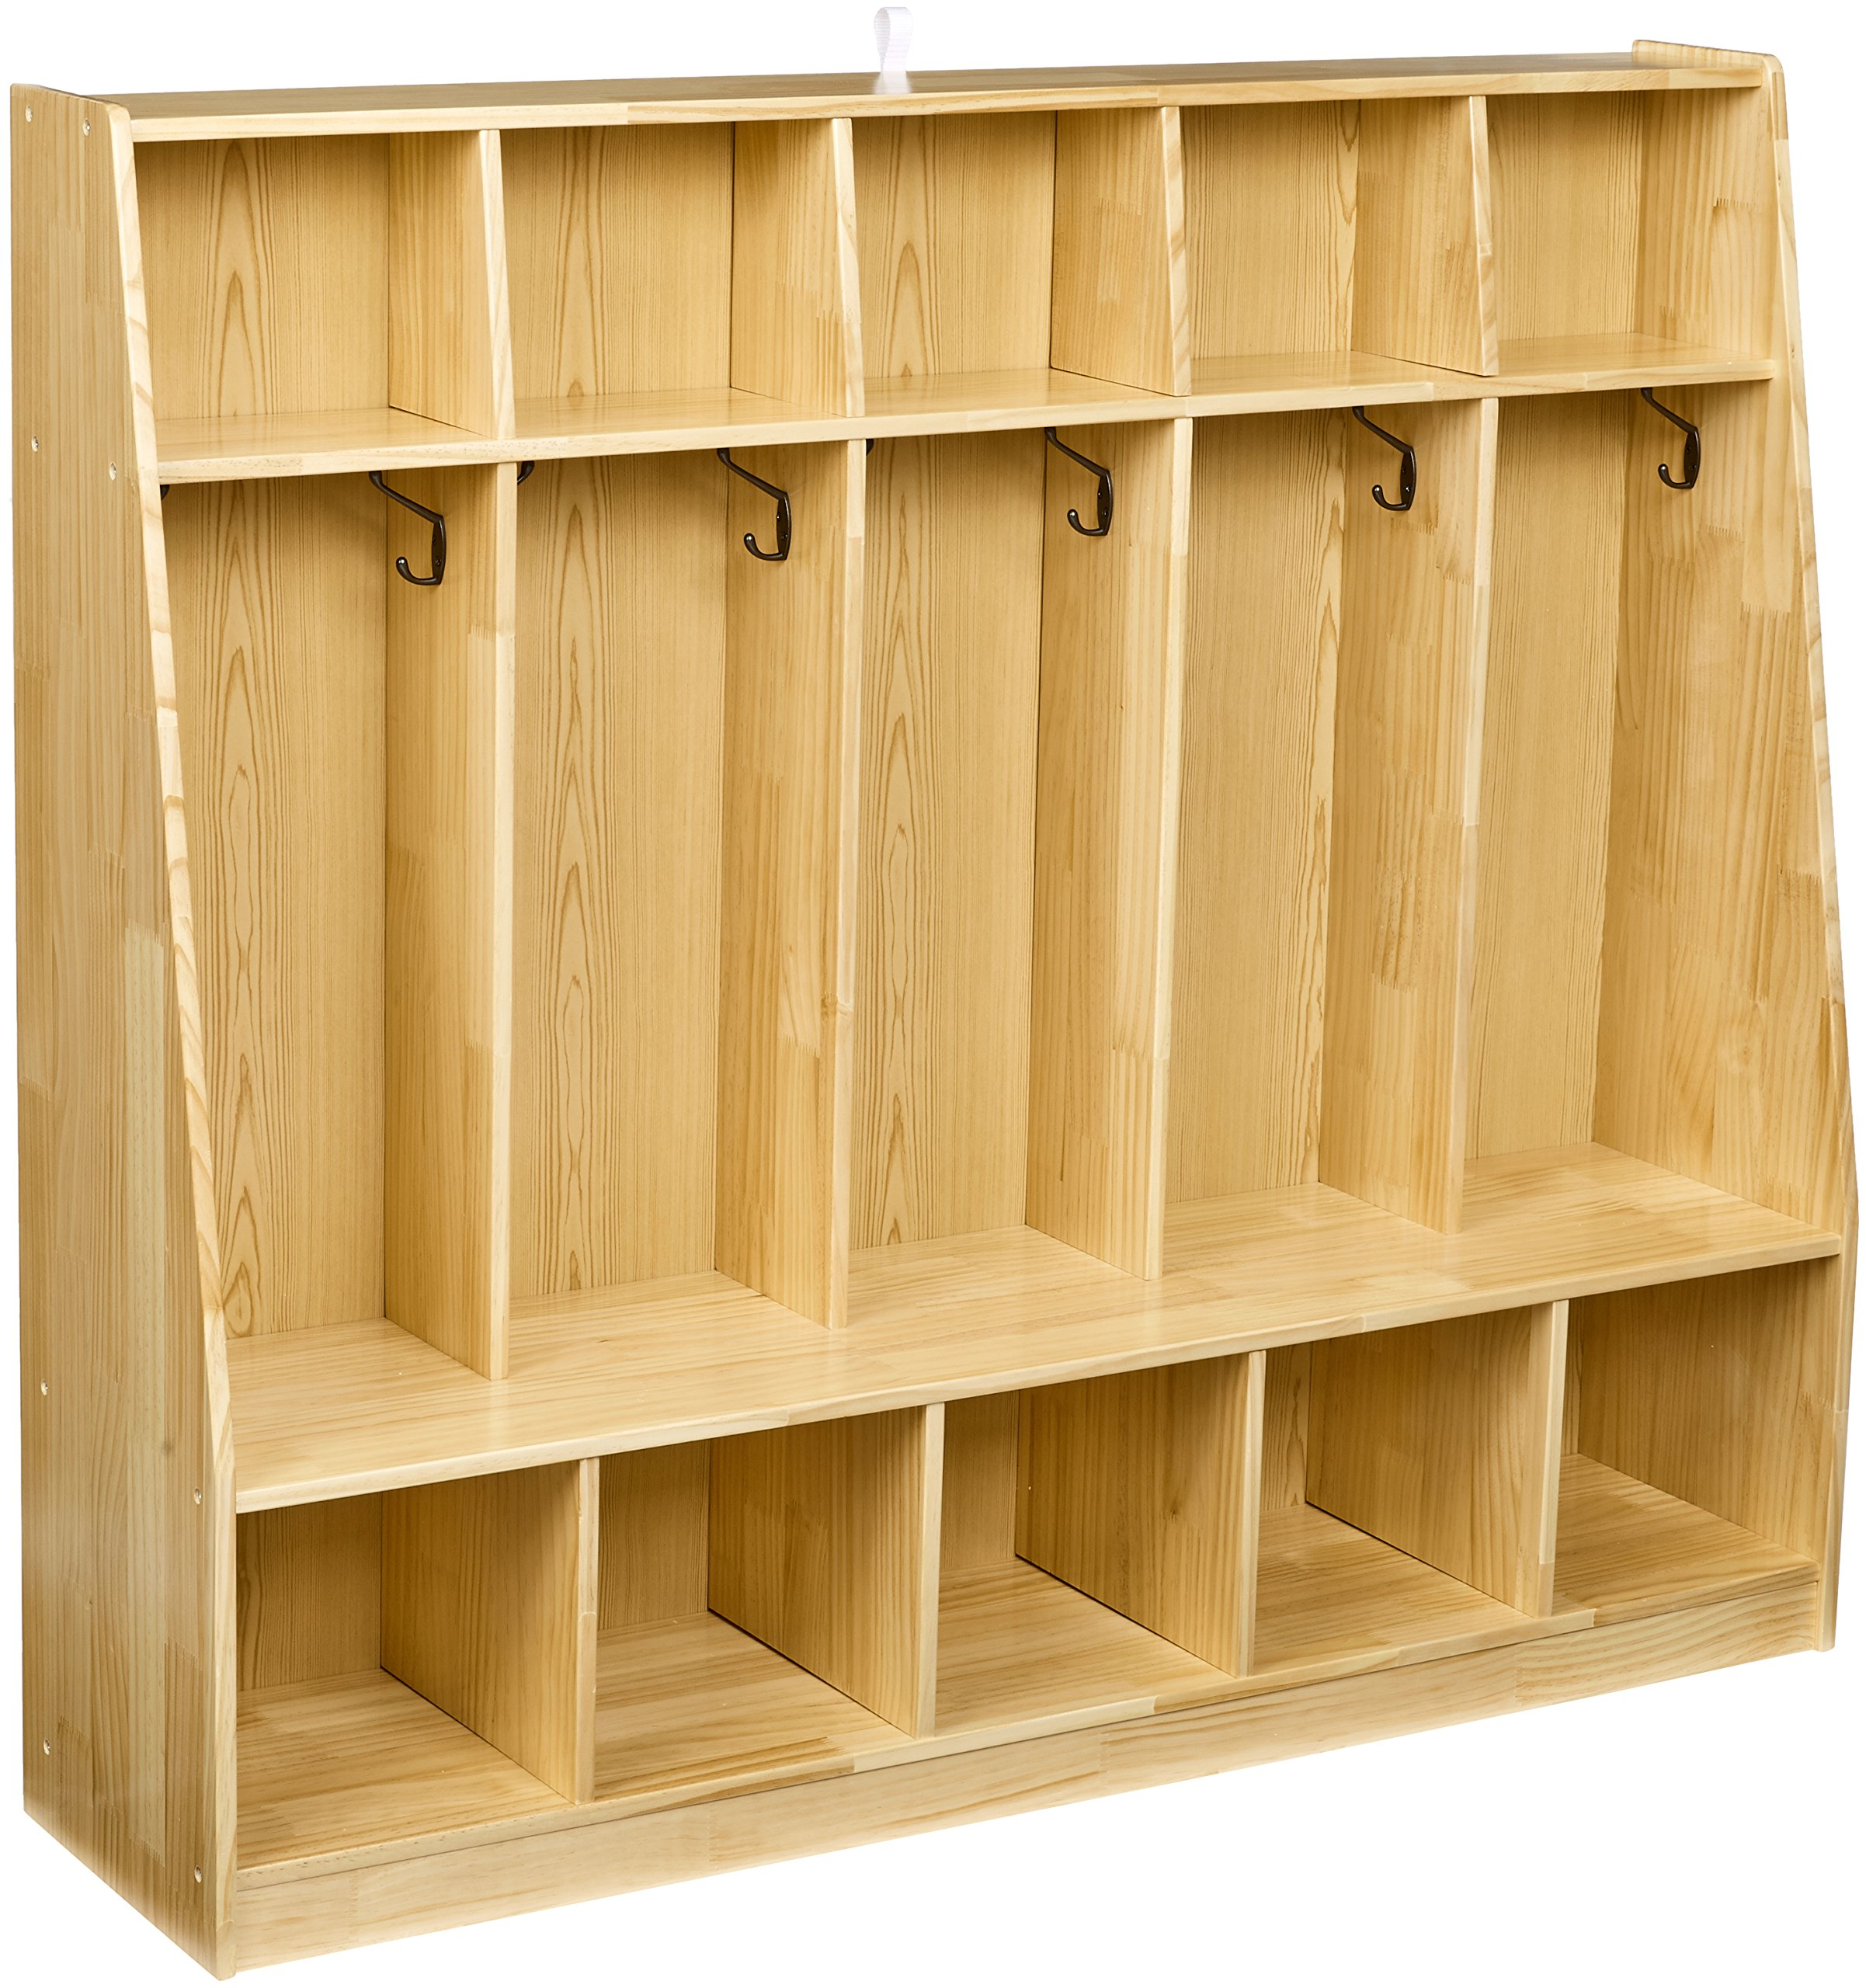 AmazonBasics Coat Locker, 5-Section with Bench